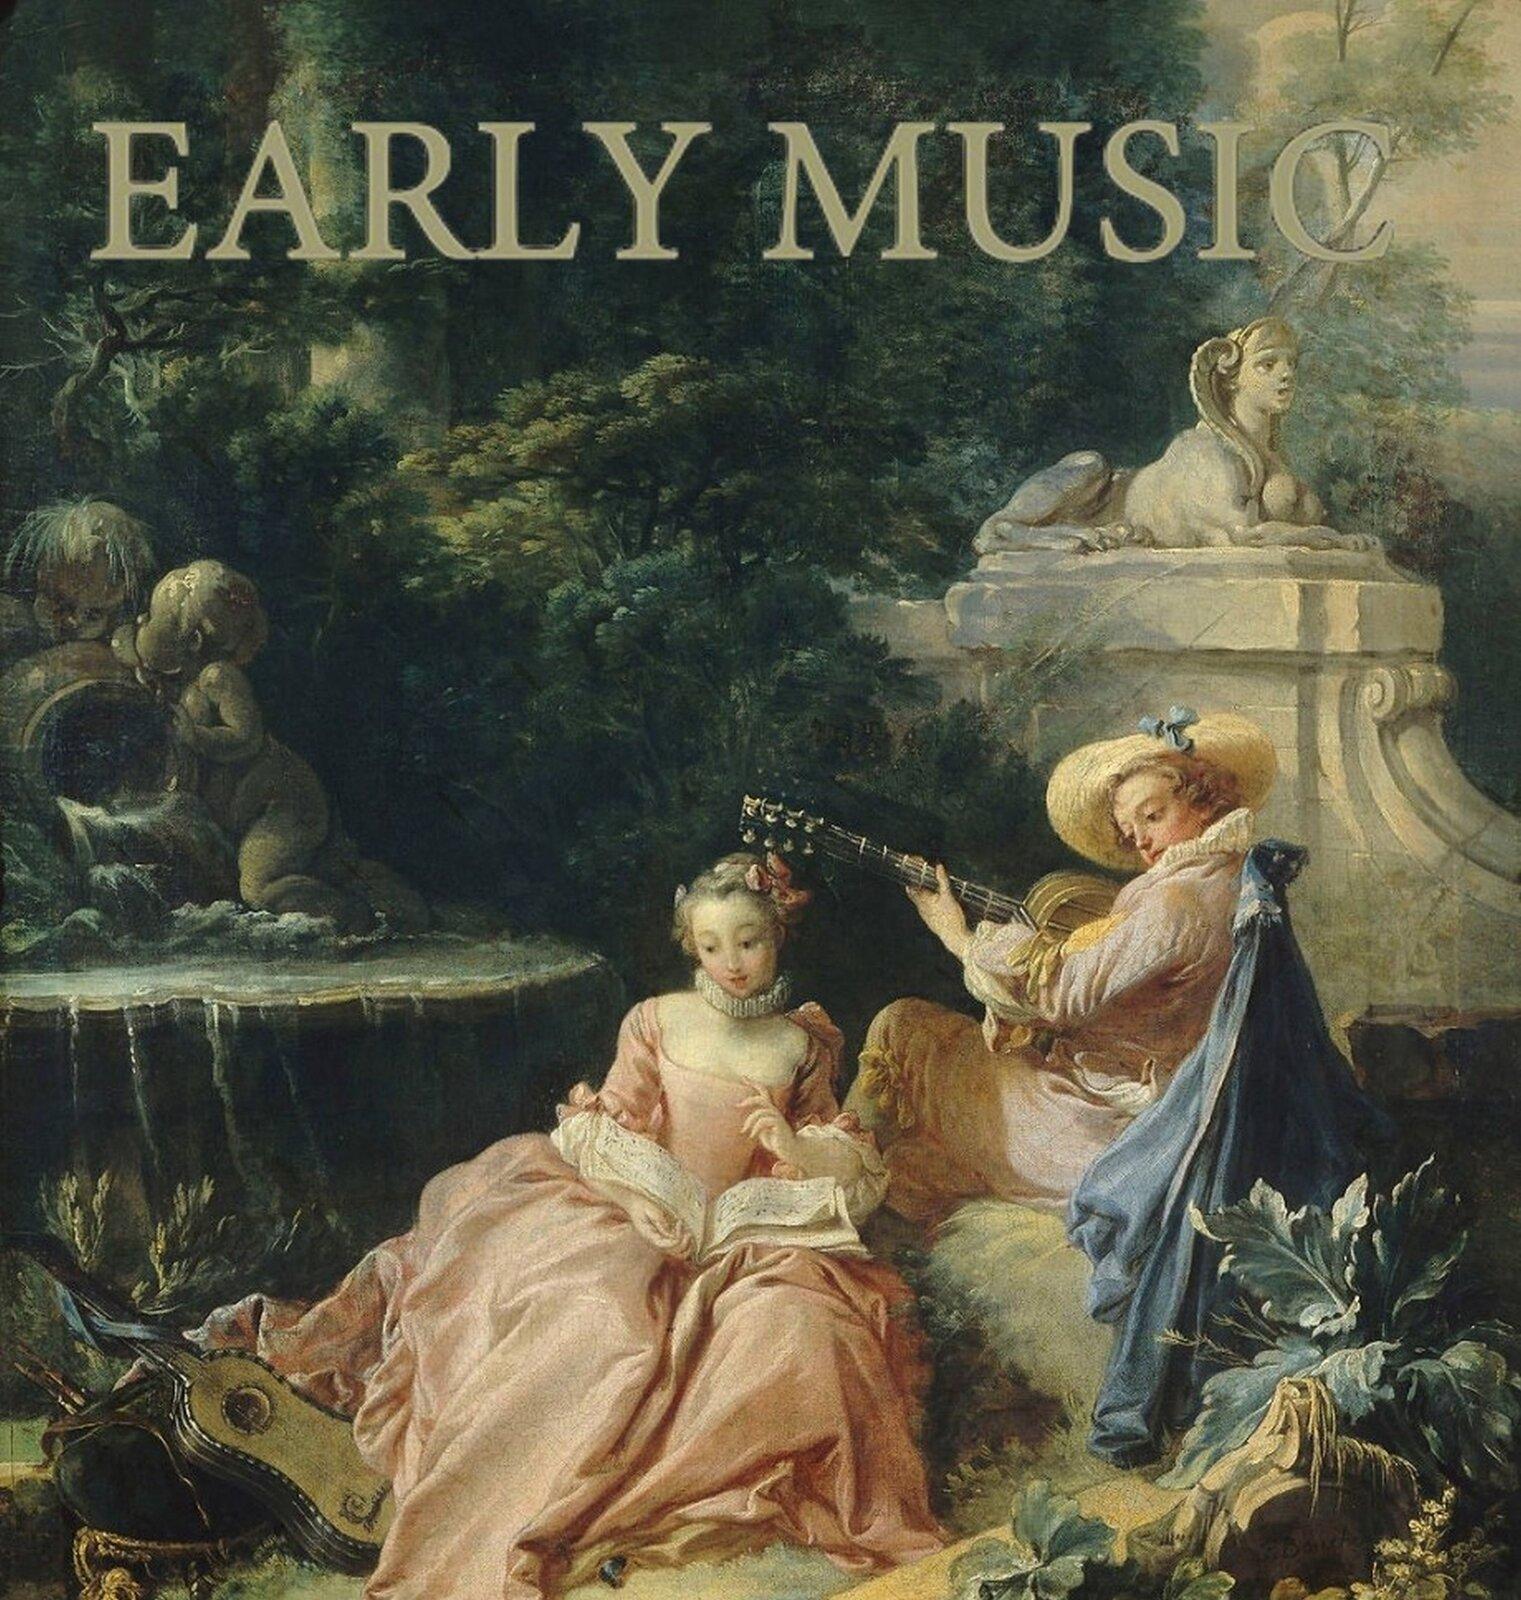 """Ilustracja przedstawia okładkę magazynu """"Early Music"""". Na ilustracji znajdują się dwie postaci. Mężczyzna gra na gitarze, spogląda na kobietę. Ubrany jest wbiały strój iniebieski płaszcz. Na głowie ma jasny kapelusz. Kobieta siedzi niżej od mężczyzny, na kolanach trzyma książkę znutami. Ubrana jest wjasną różową suknię."""